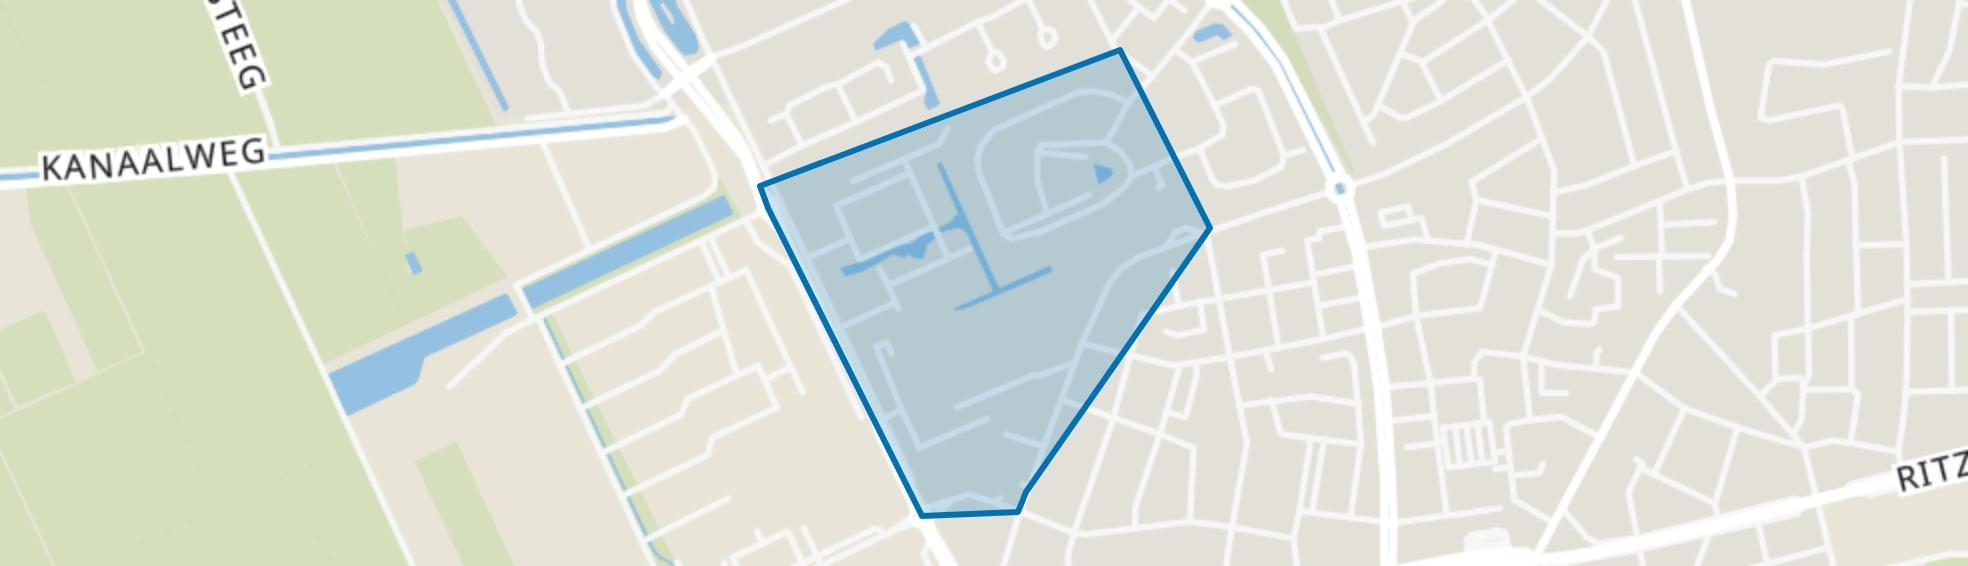 Boomgaarden, Wageningen map